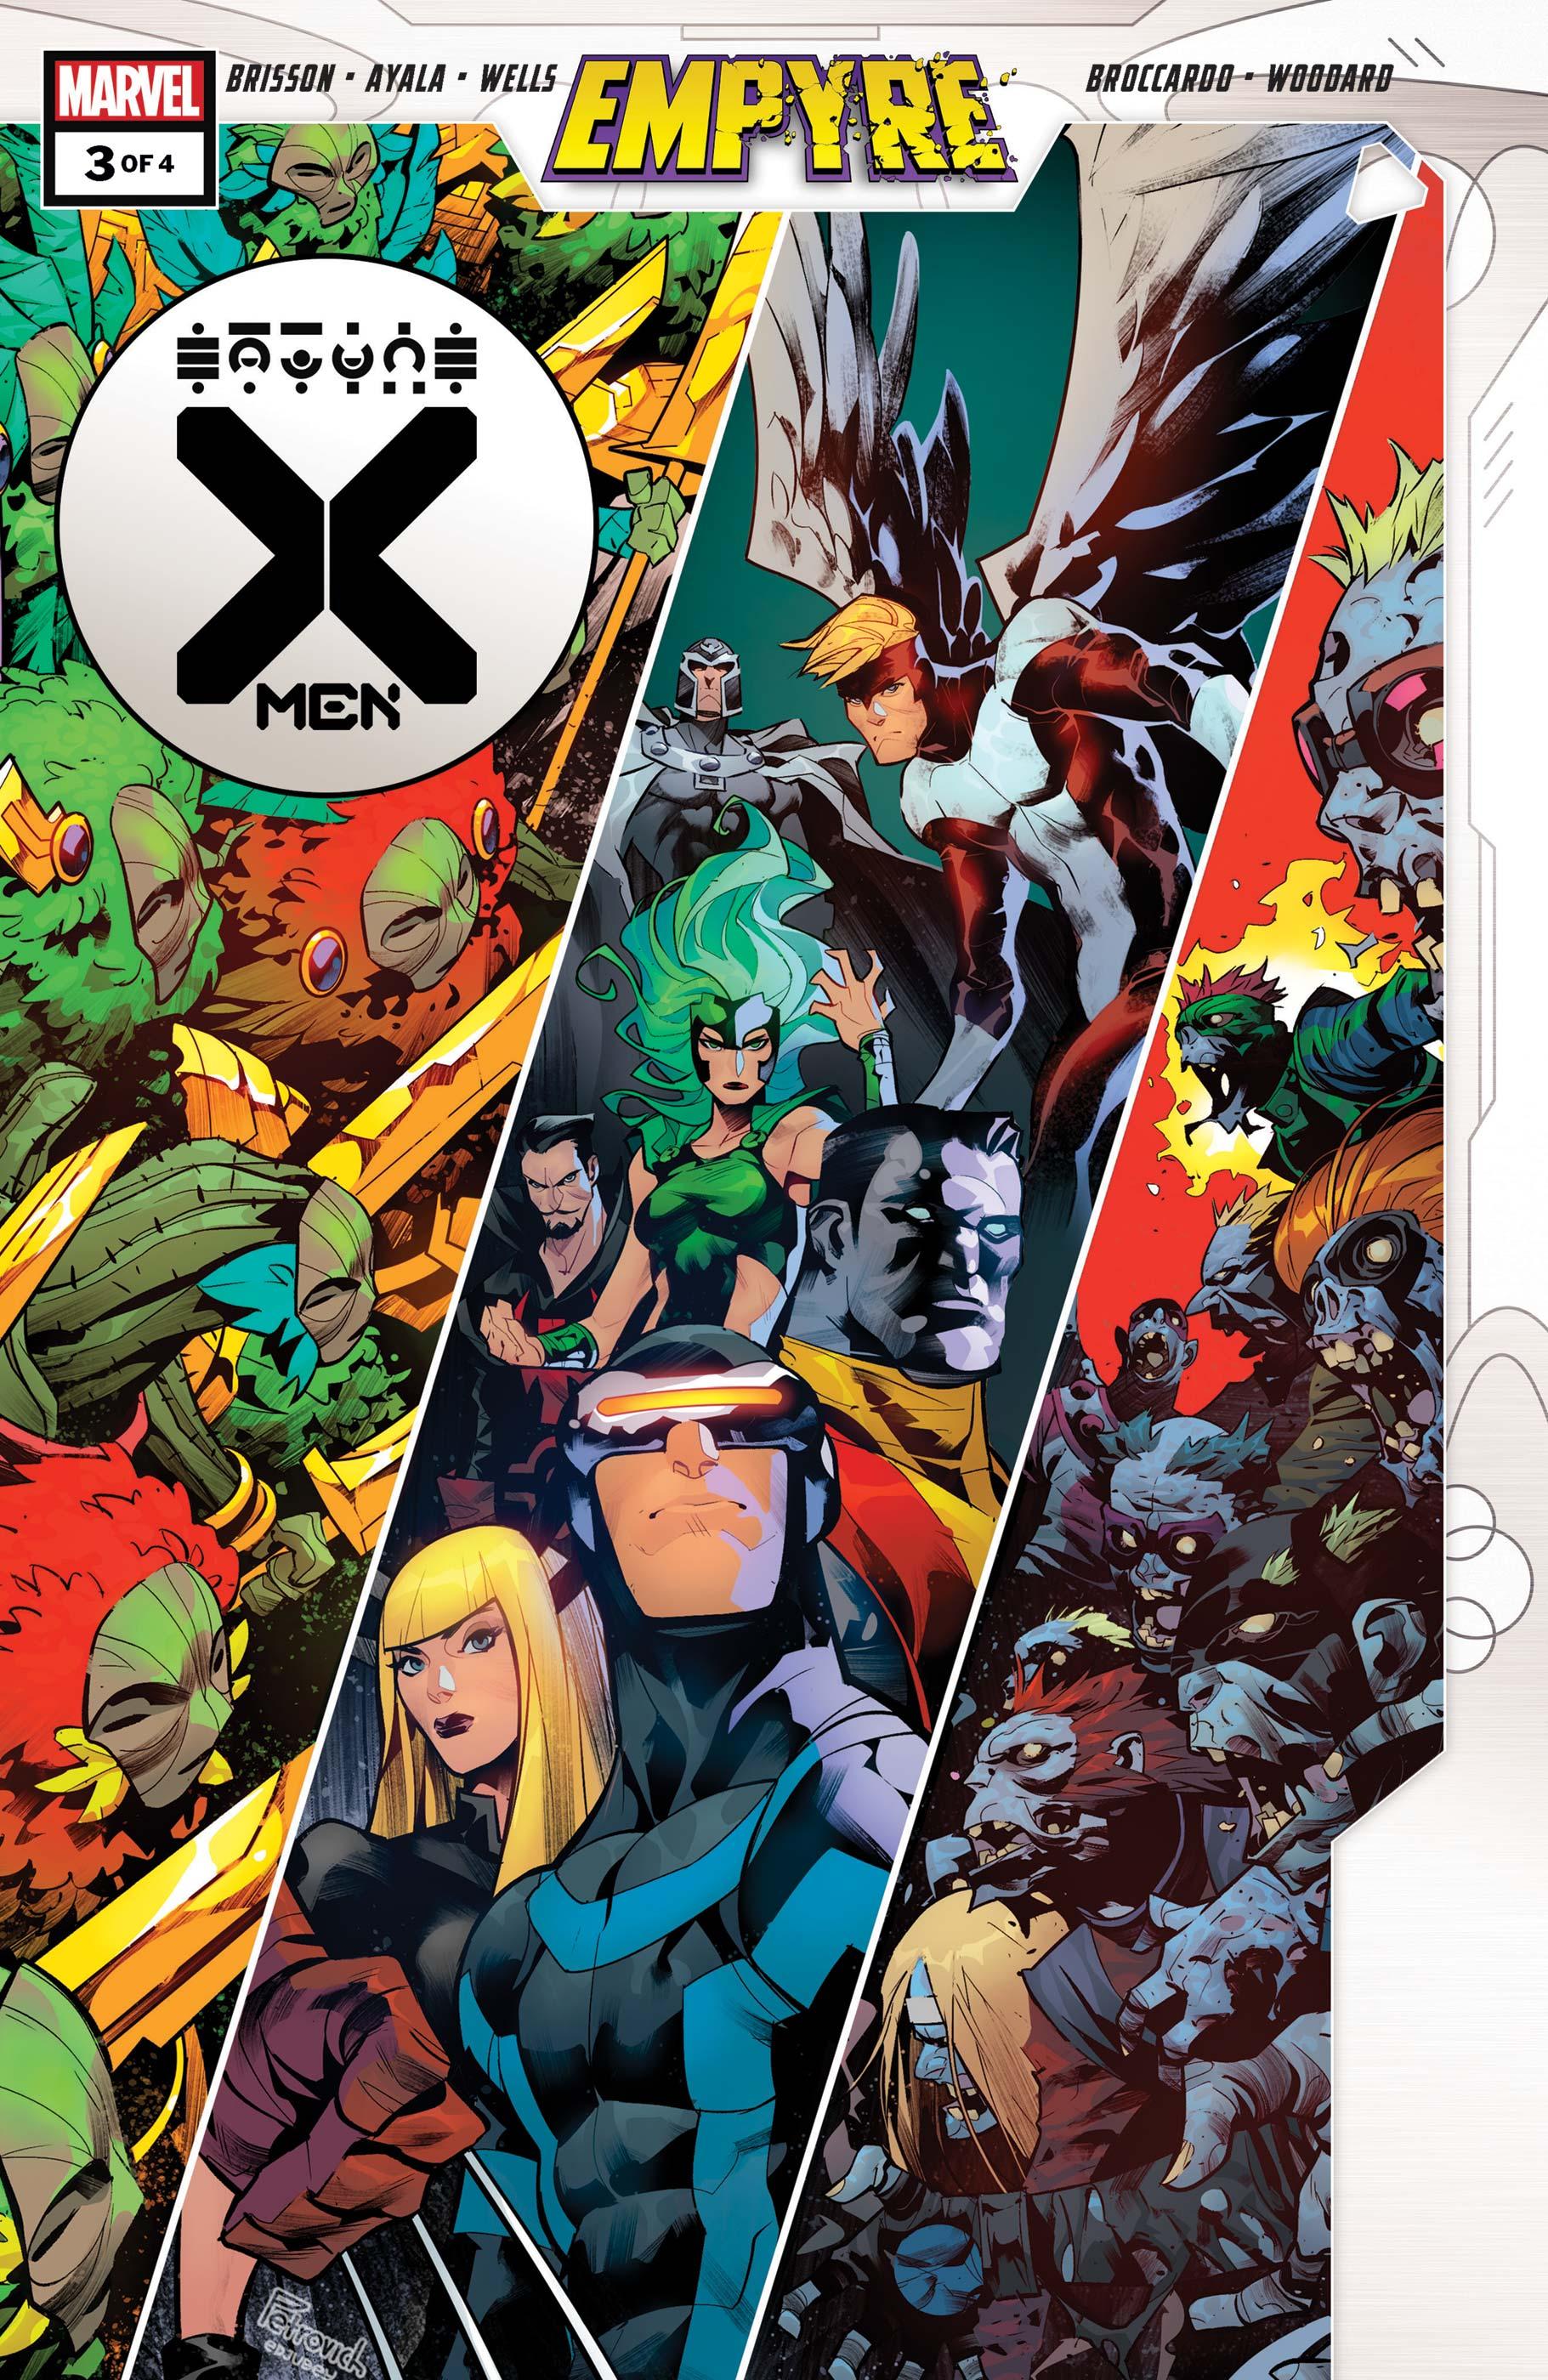 Empyre: X-Men (2020) #3